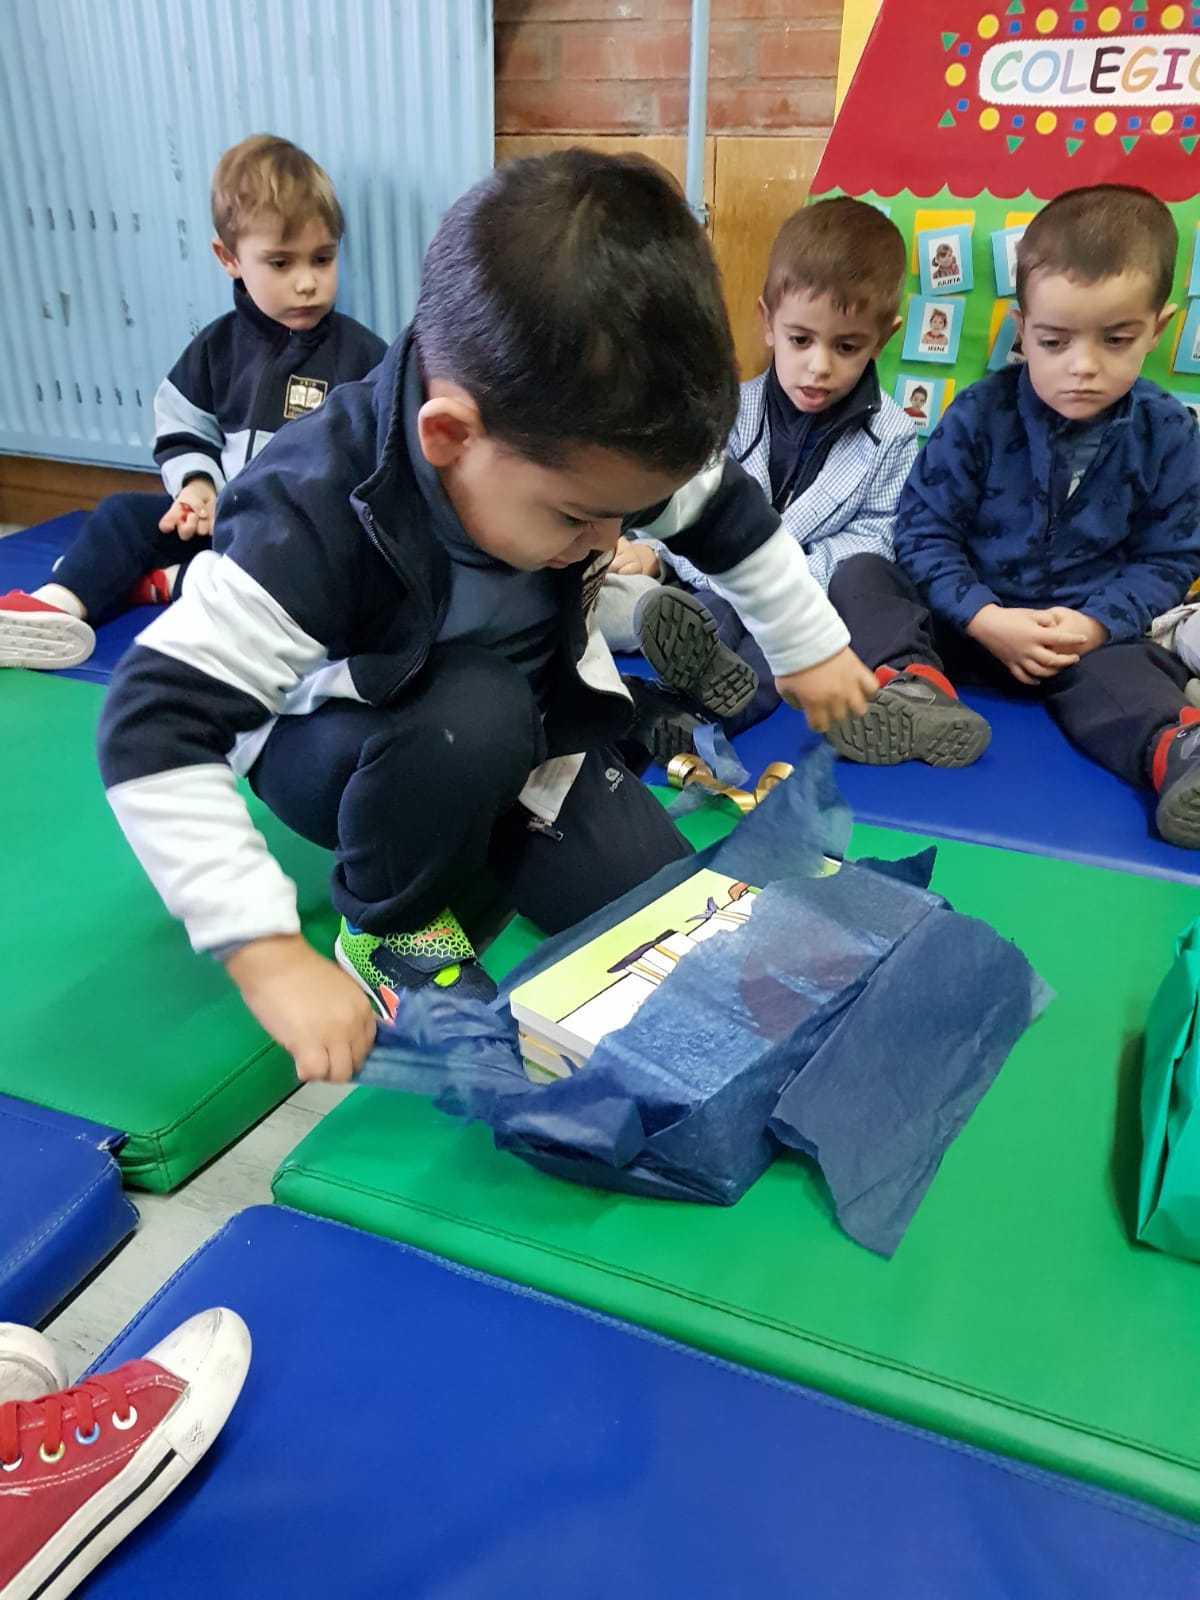 2019_01_08_Los buhos reciben sorpresas_CEIP FDLR_Las Rozas 6